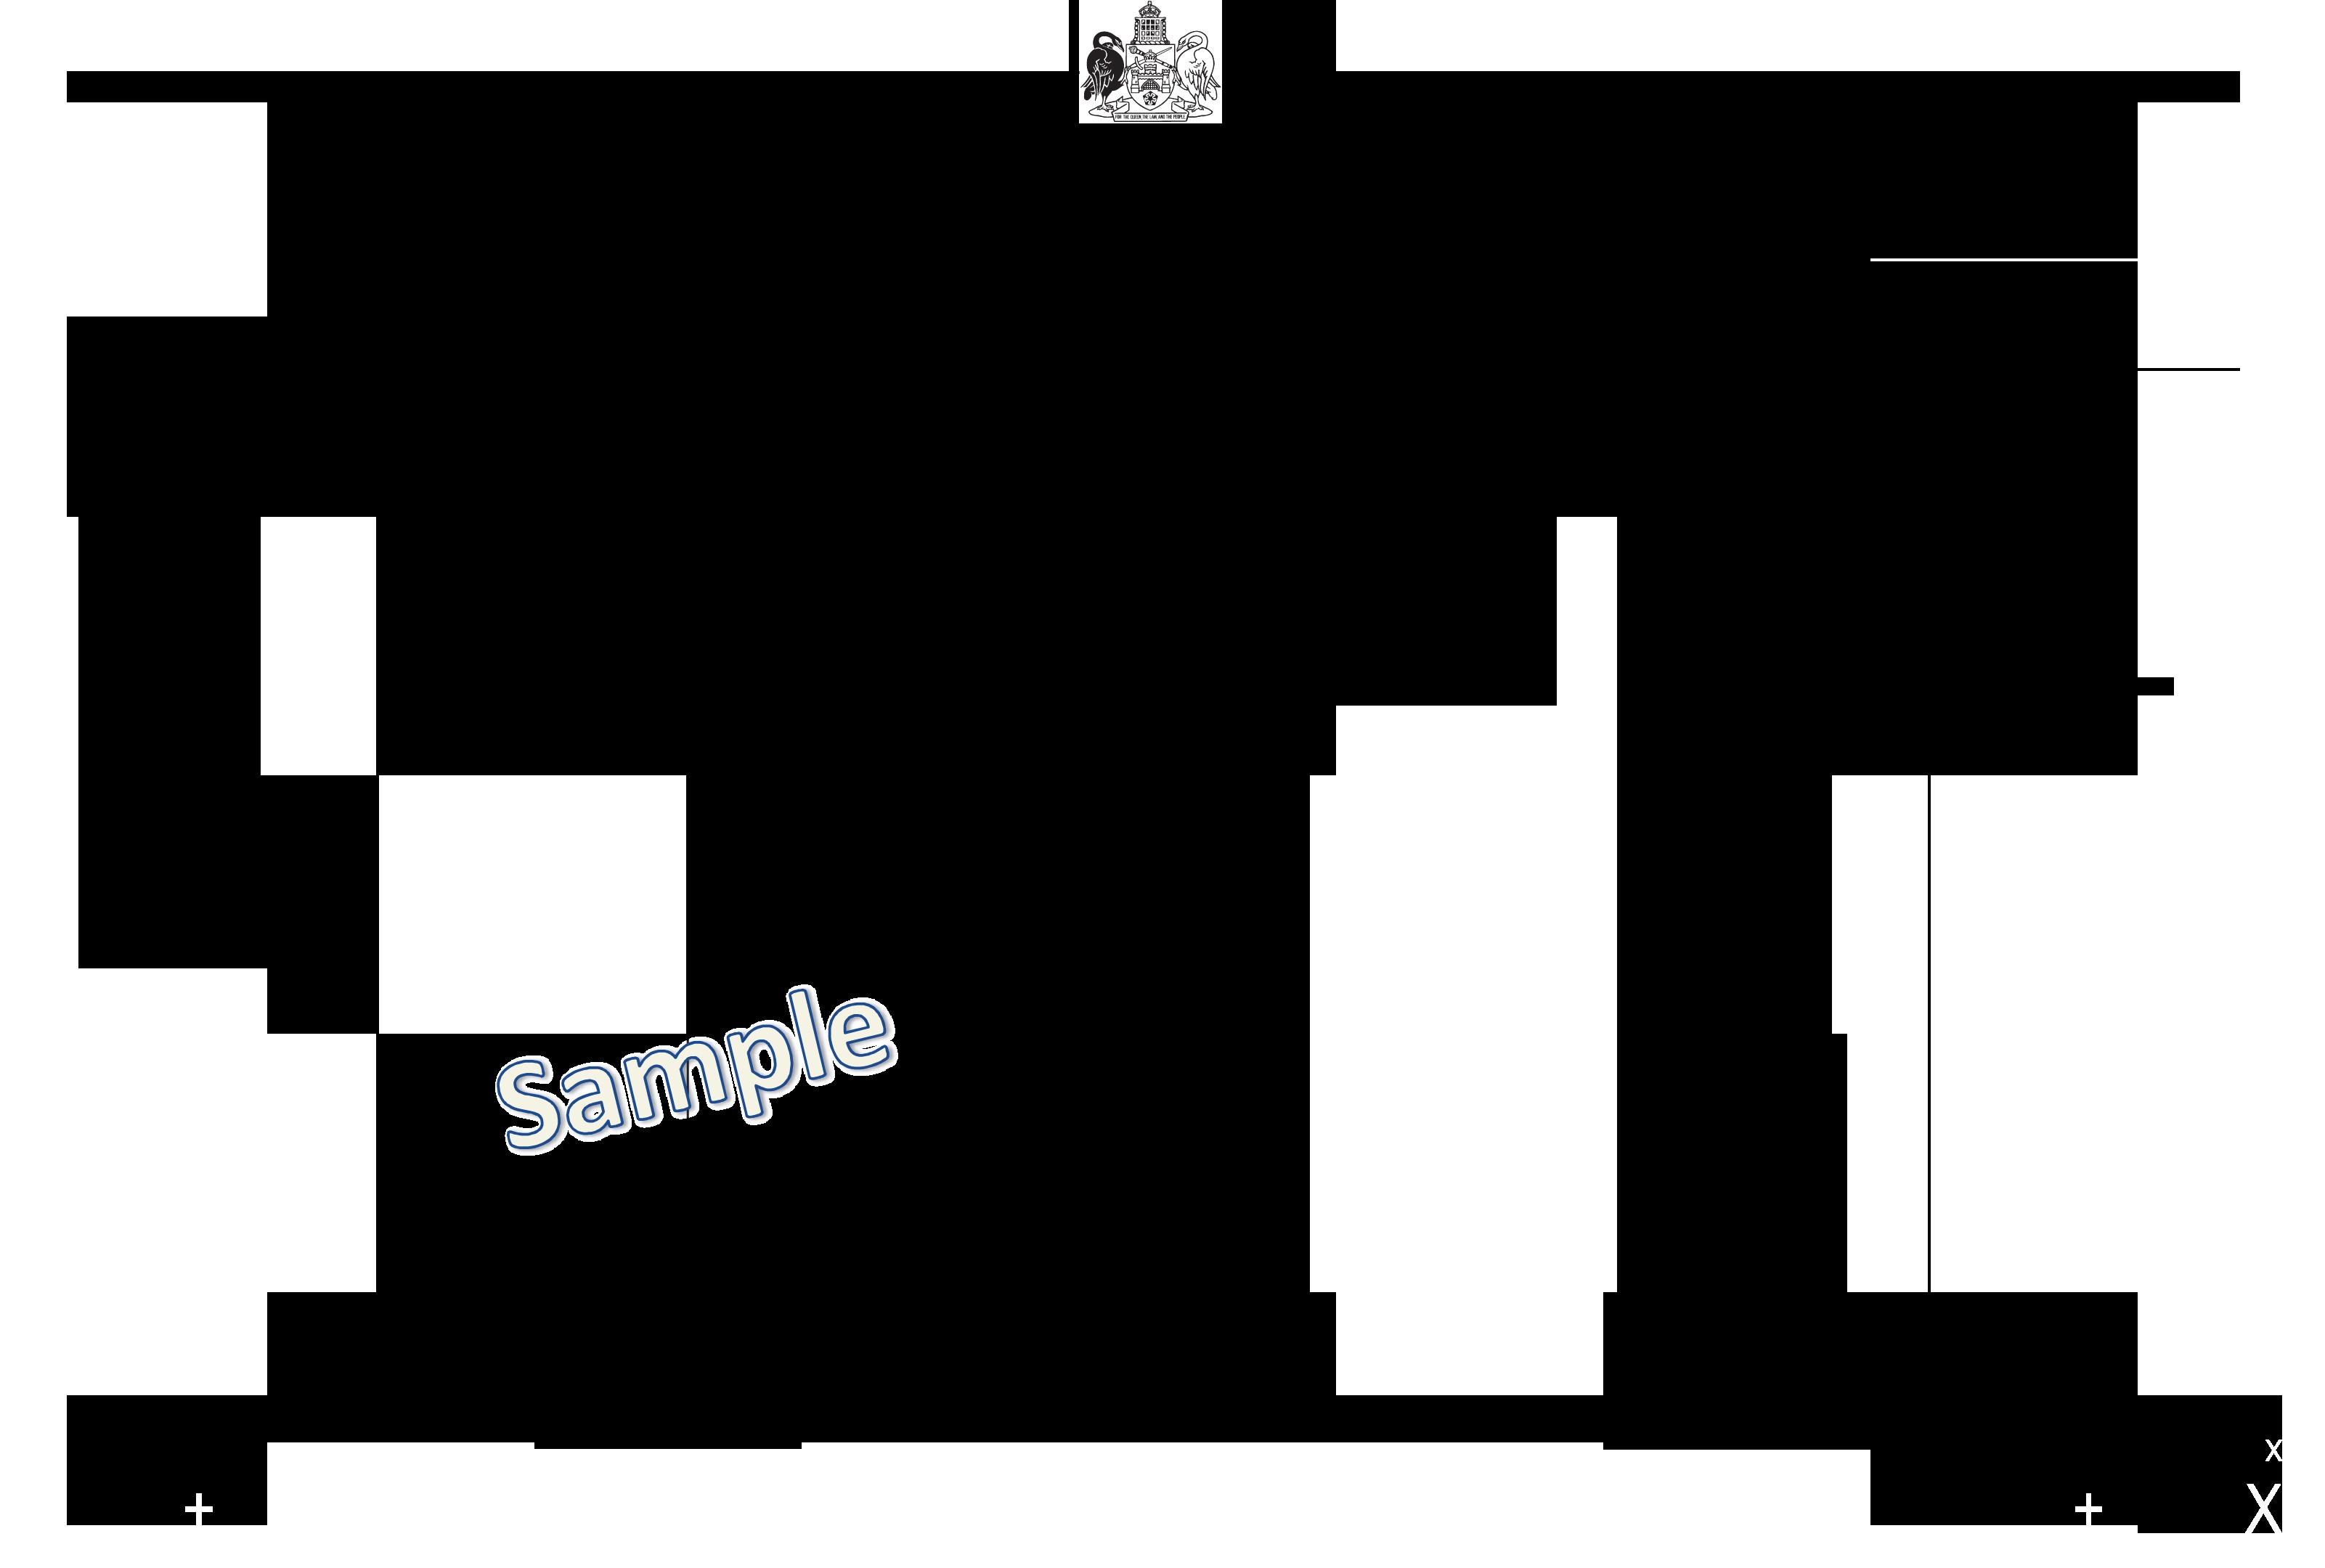 Molonglo sample ballot paper